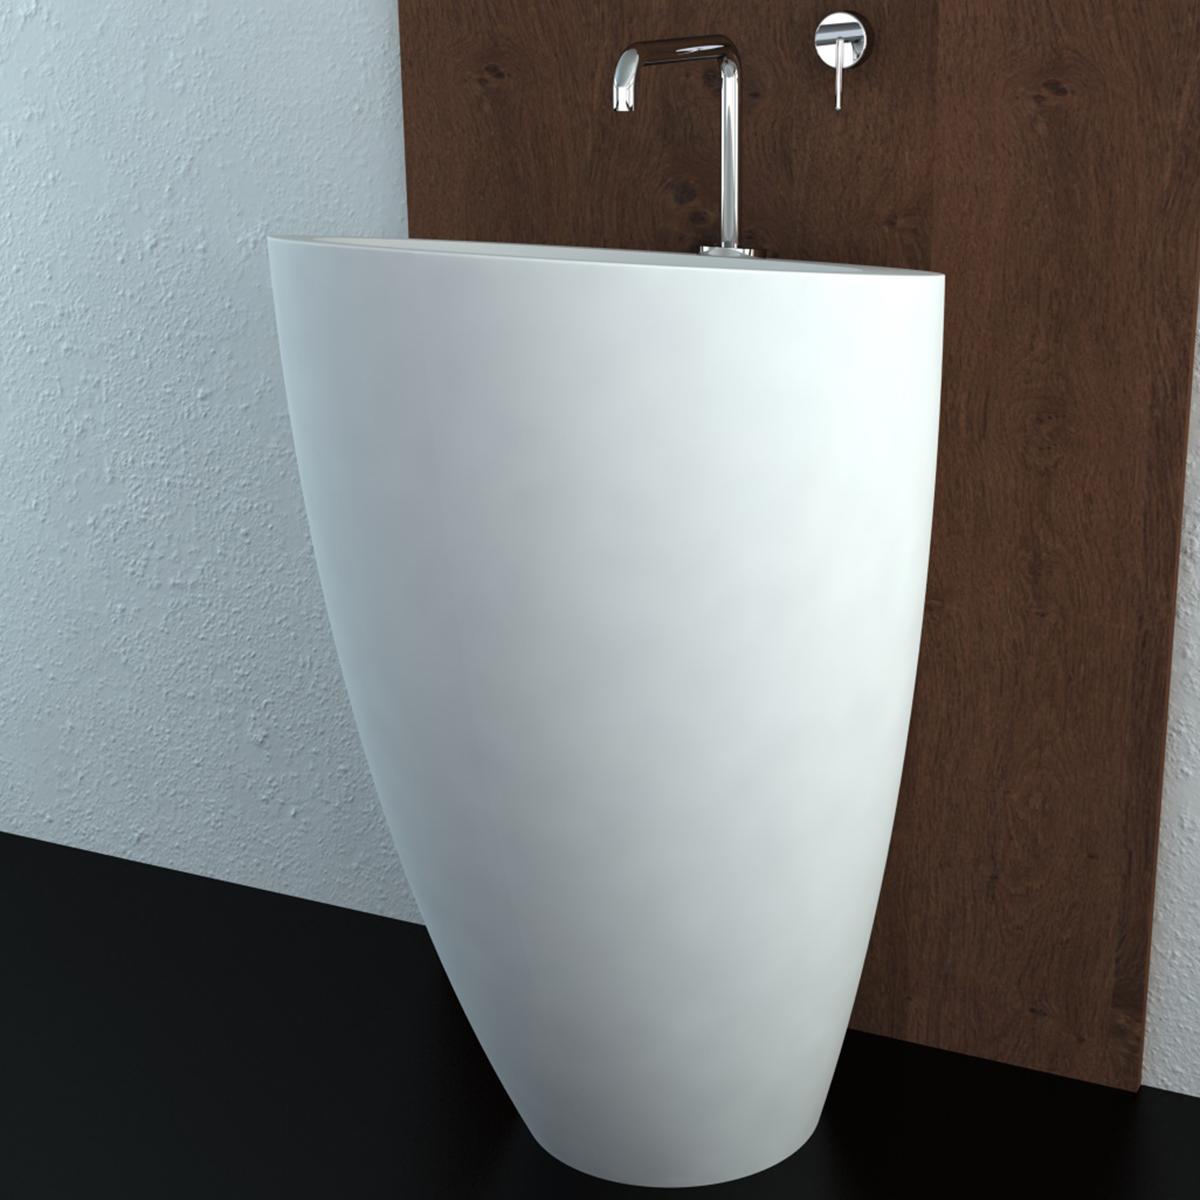 Lavabo colonna dante - Mobile per lavabo a colonna ...